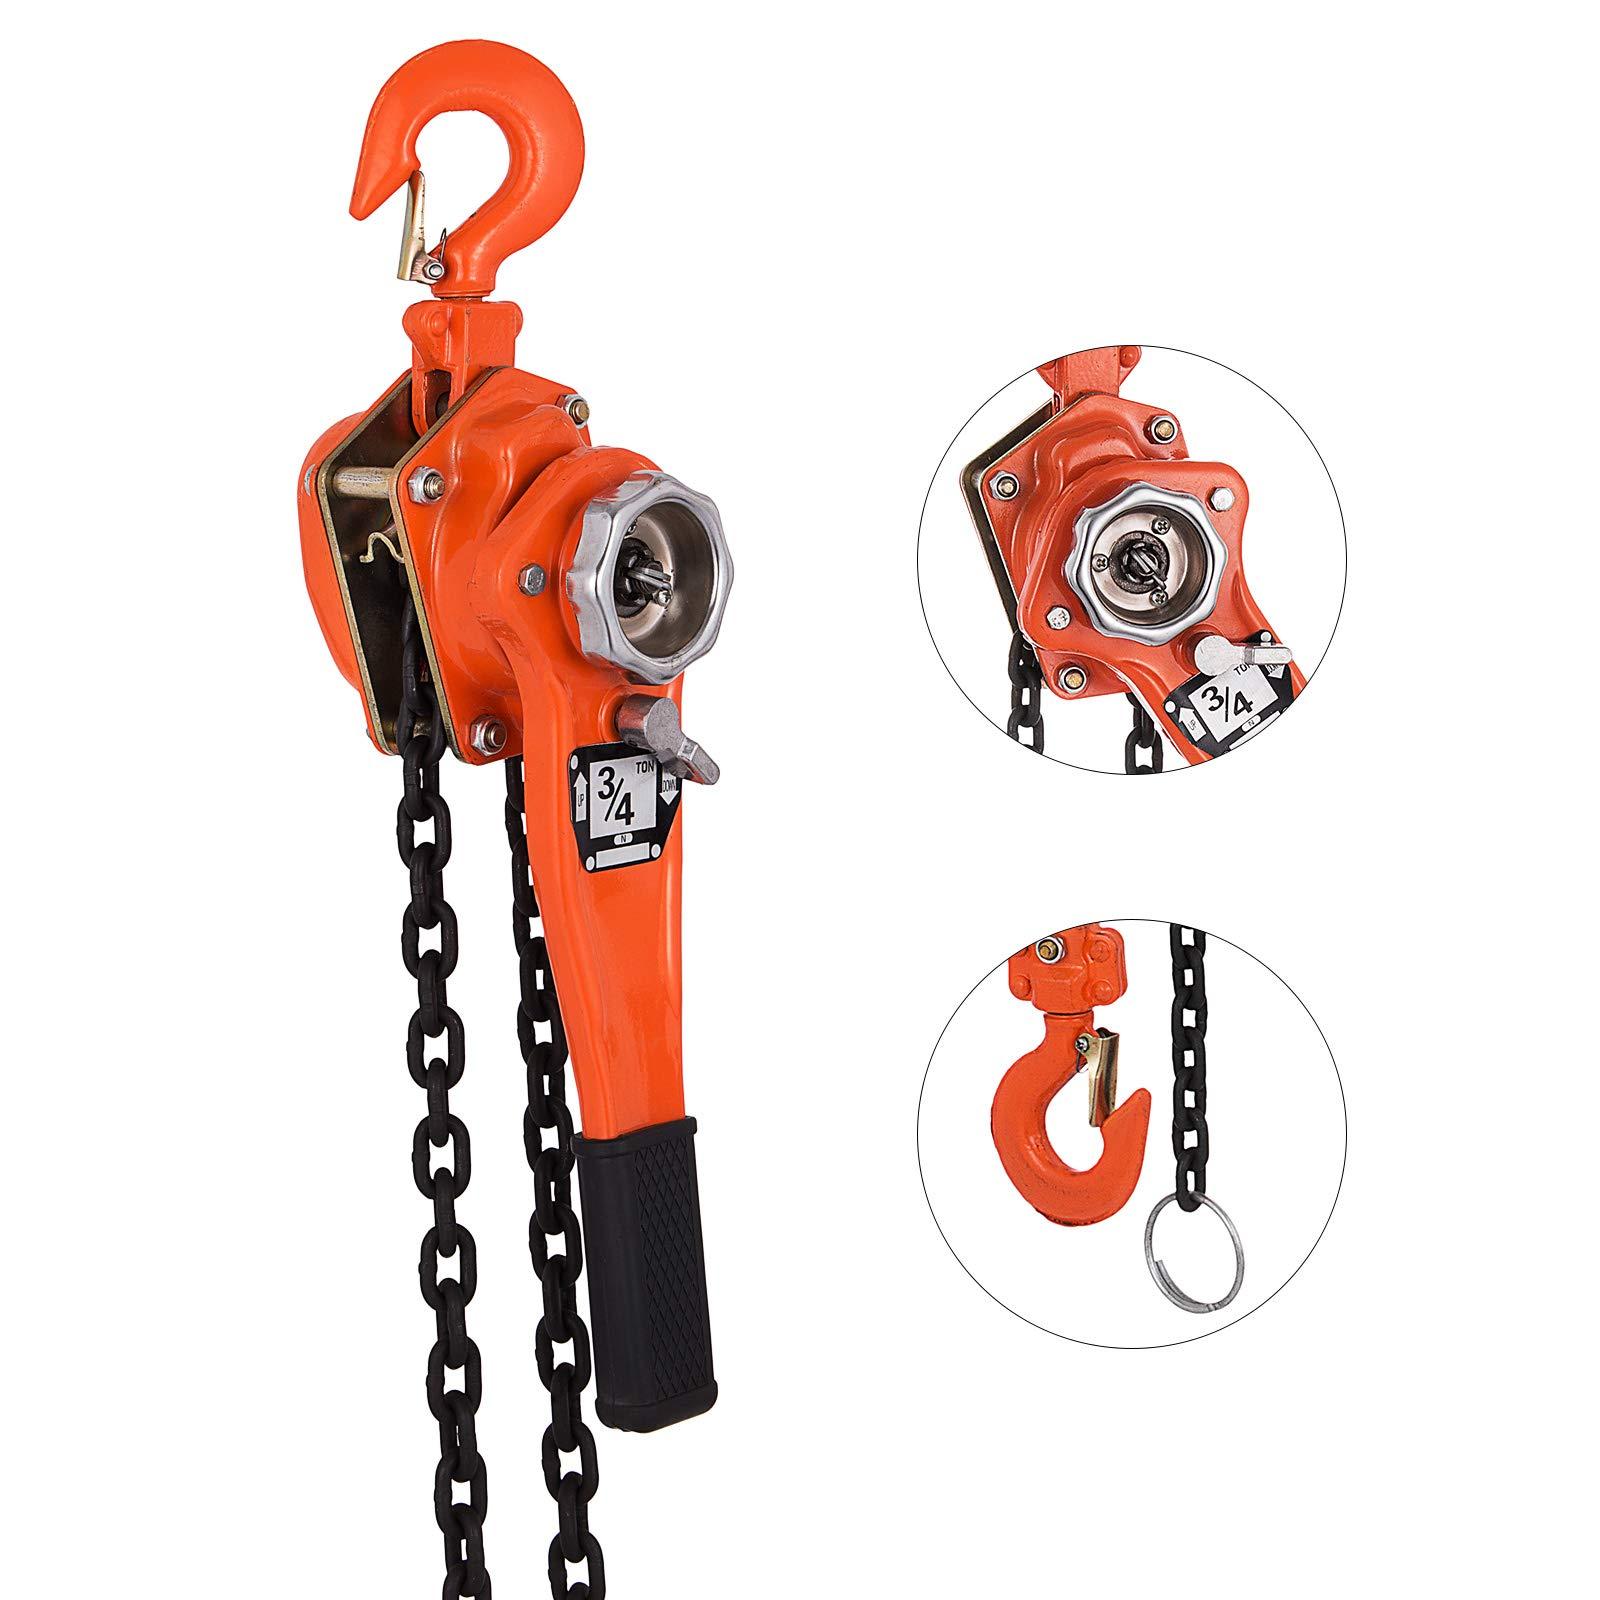 Happybuy 3/4 Ton Chain Hoist 5 FT Lift Lever Block Chain Hoist 1650LBS Chain Ratchet Lever Block Chain Hoist Come Along Lift Puller(3/4 Ton 5ft)